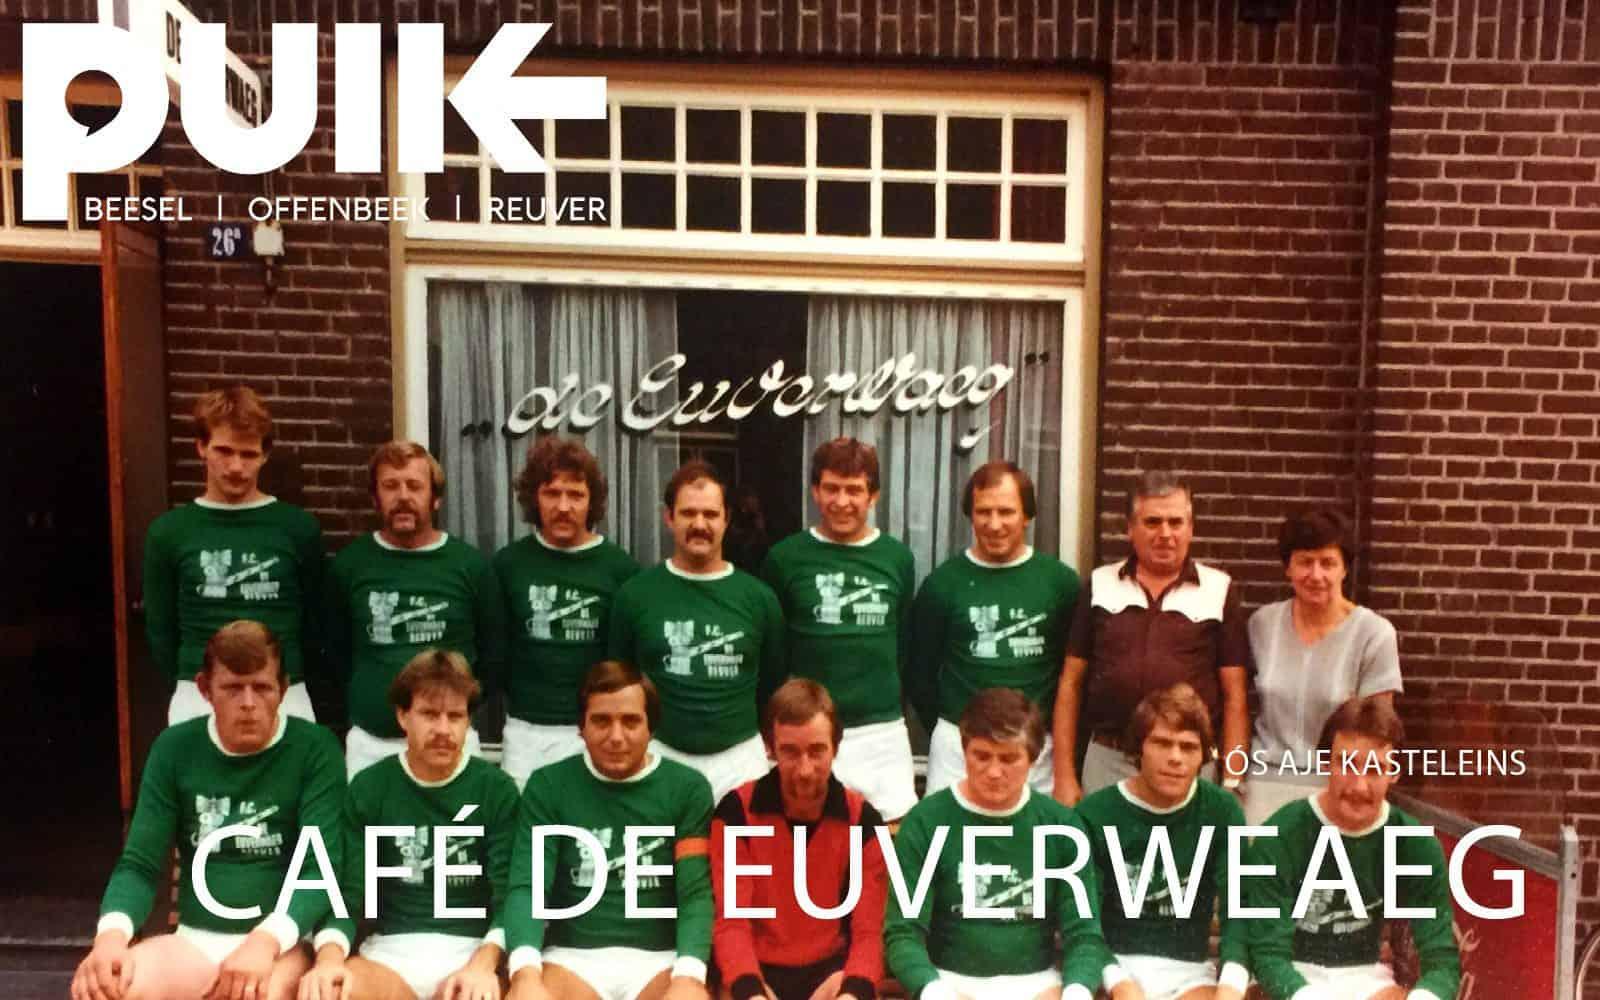 13 oktober 2018 - Cafe de Euverweg